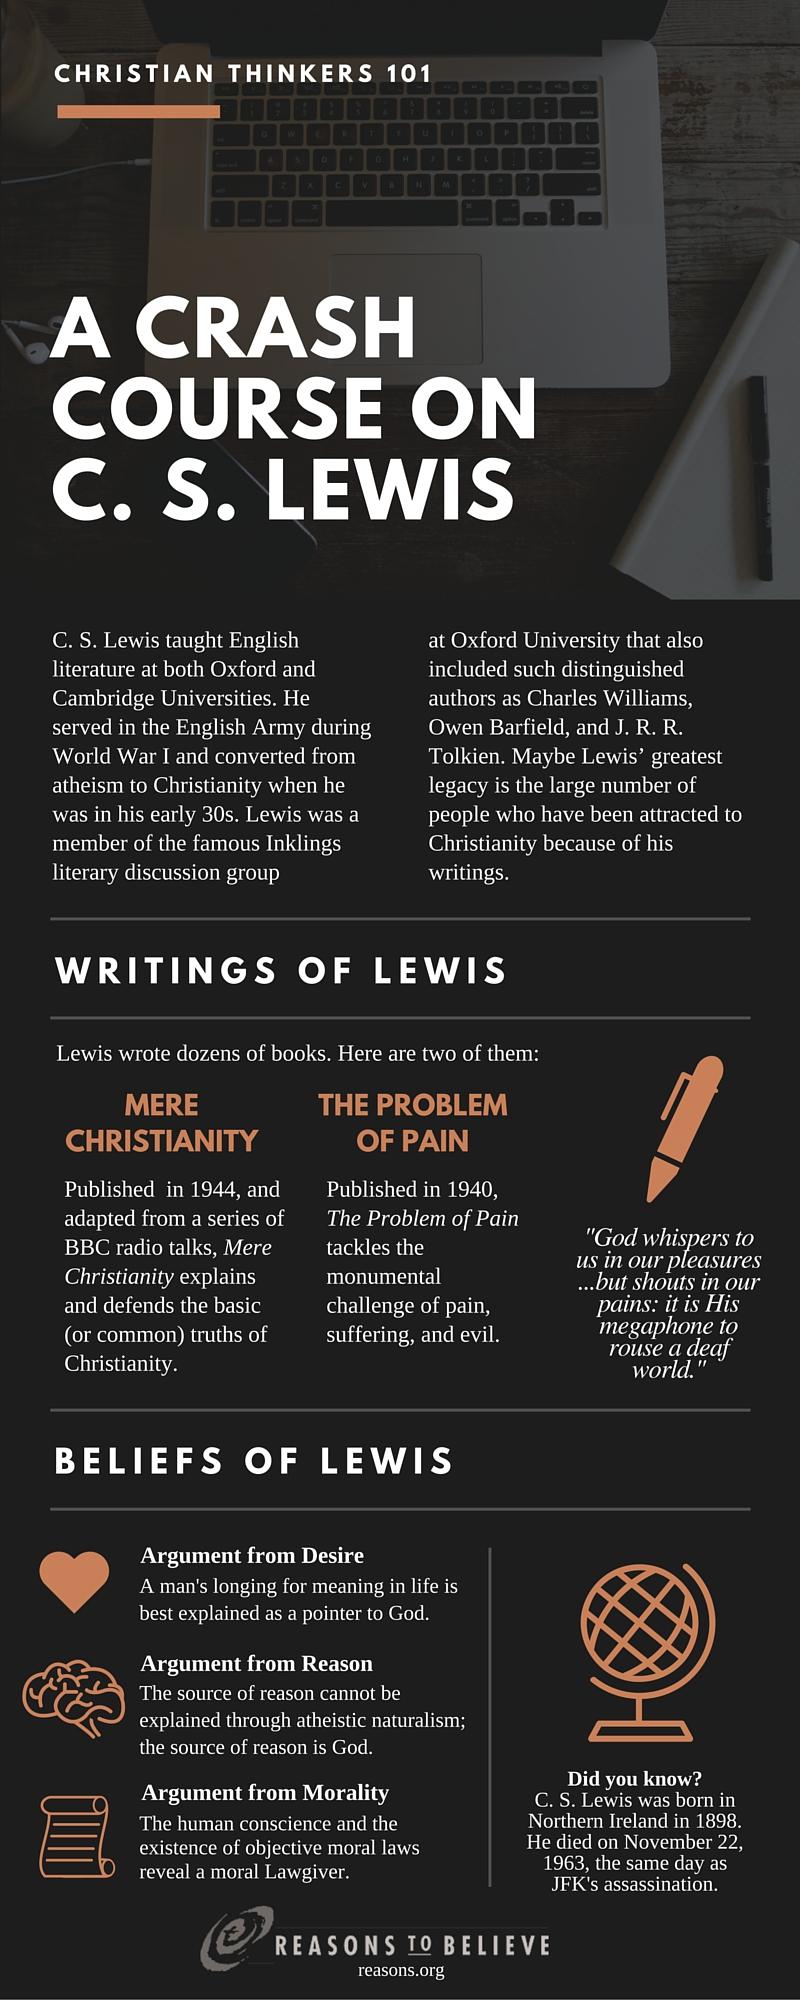 CRASH COURSE_ LEWIS